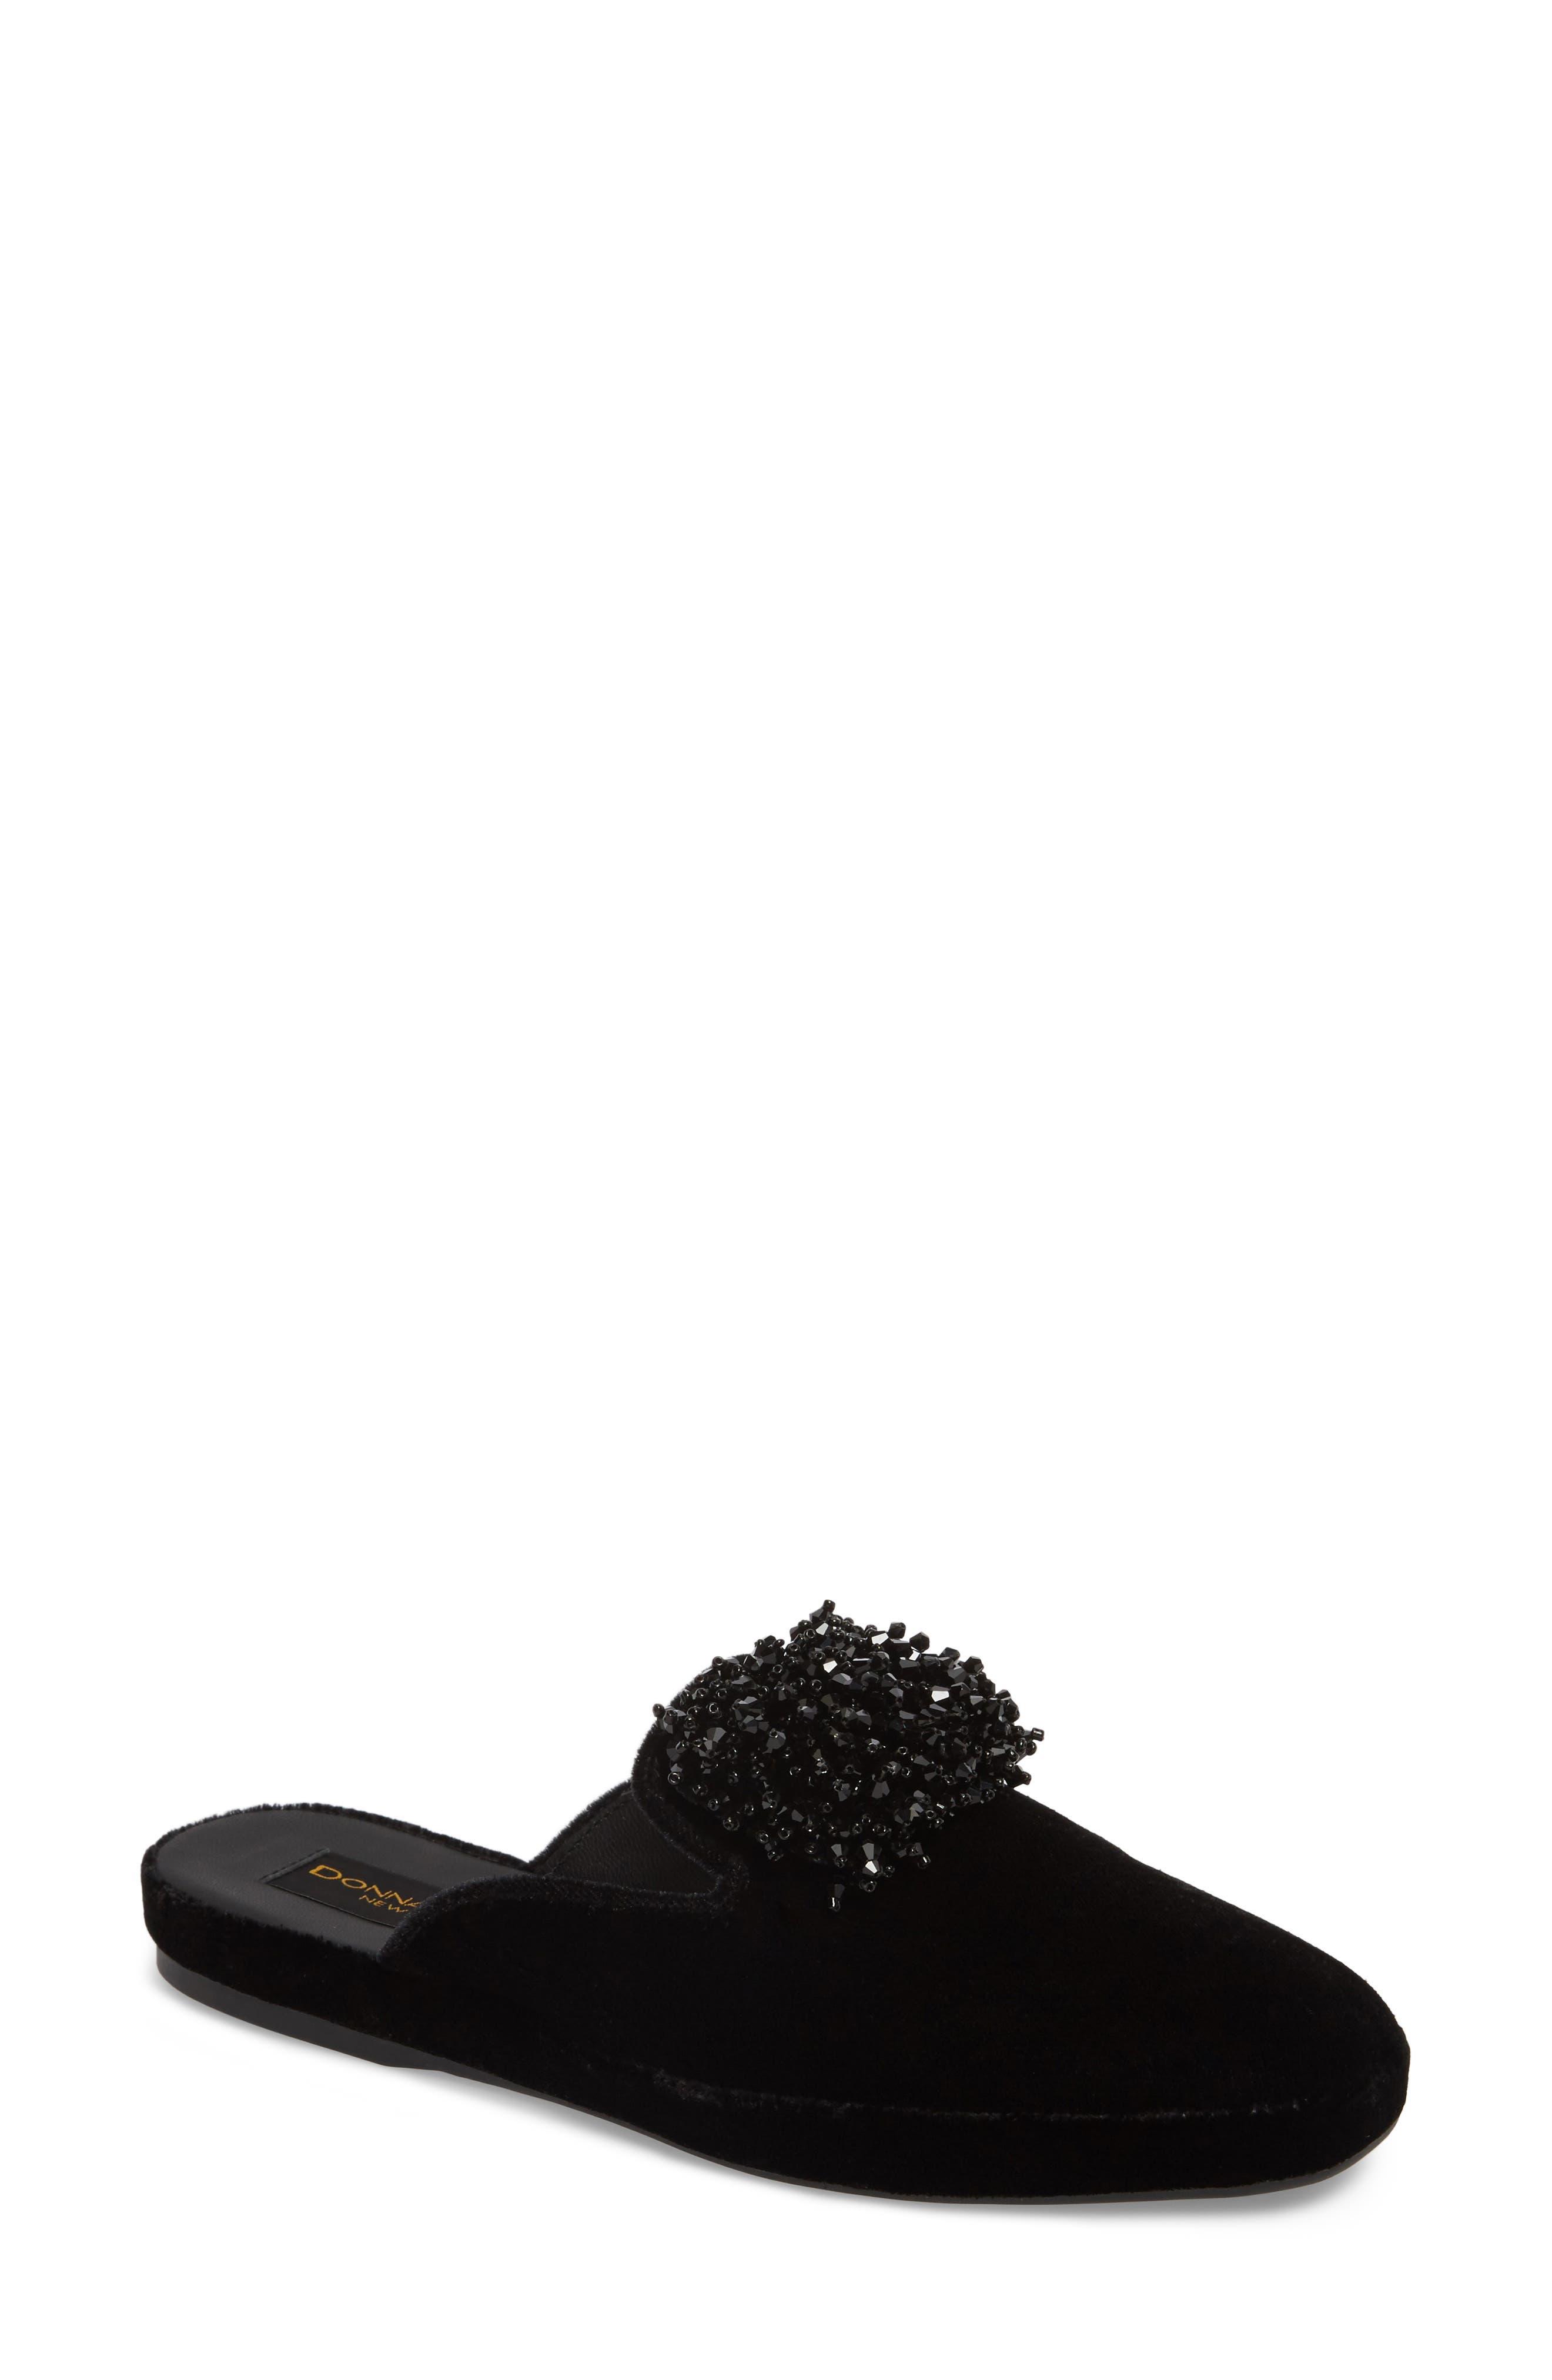 Donna Karan Cara Embellished Mule,                         Main,                         color, Black Velvet